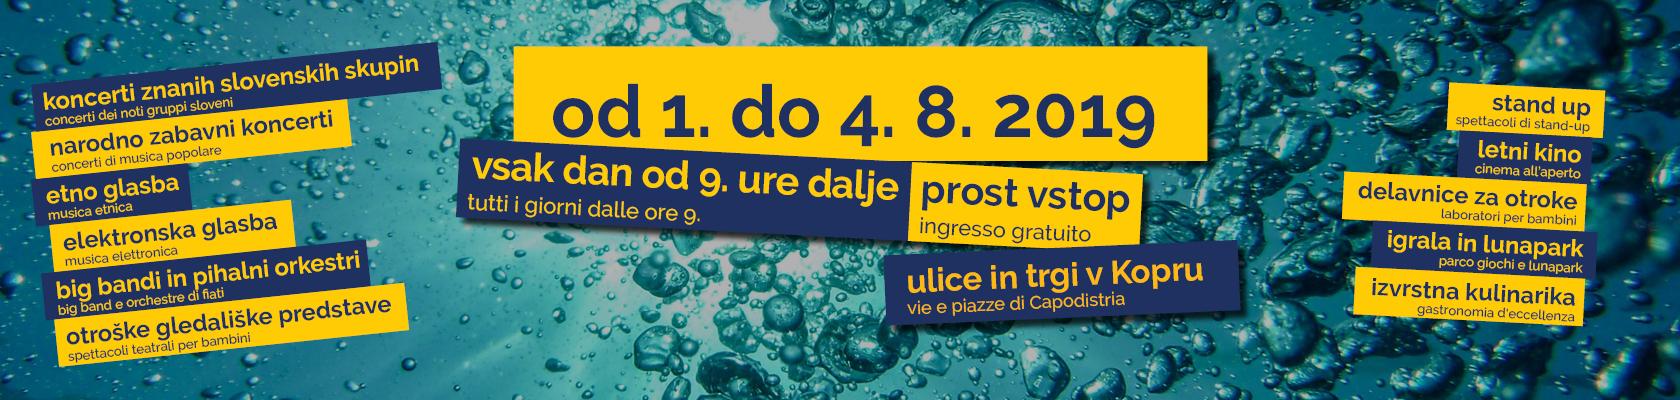 Banner spletna_2.jpg